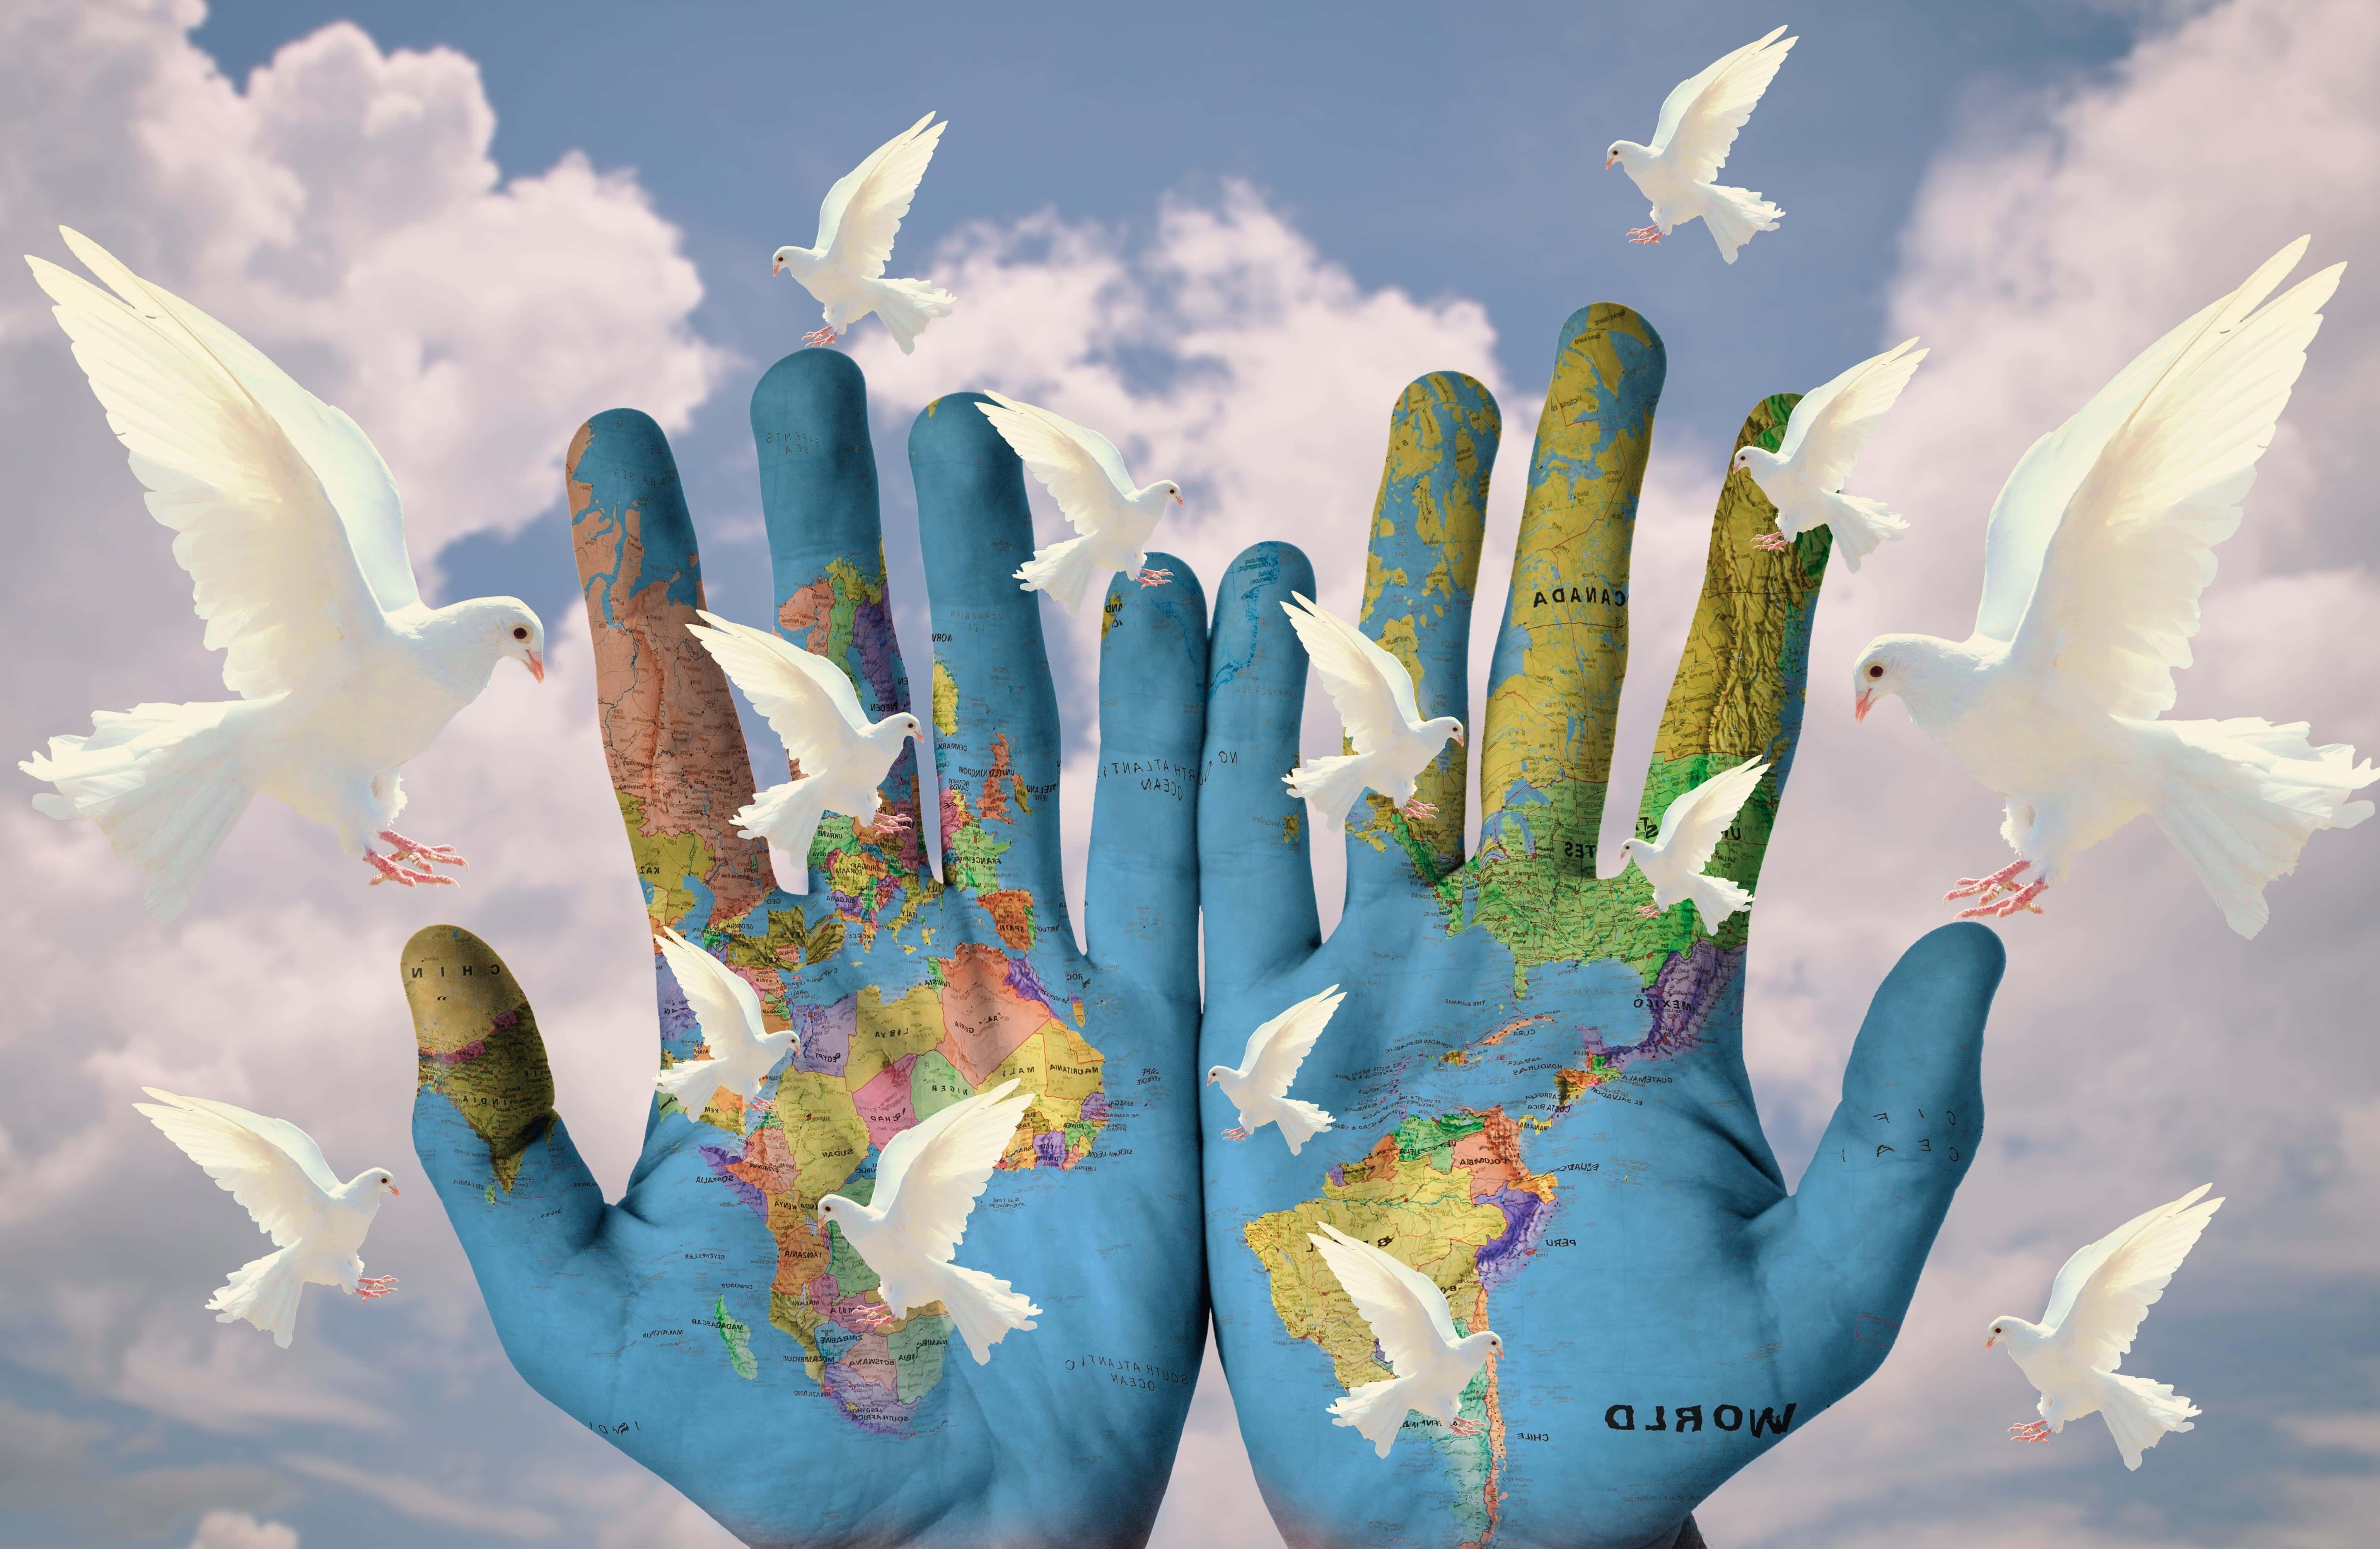 мае-июне нежными мир во всем мире картинка удачи делах, здоровья